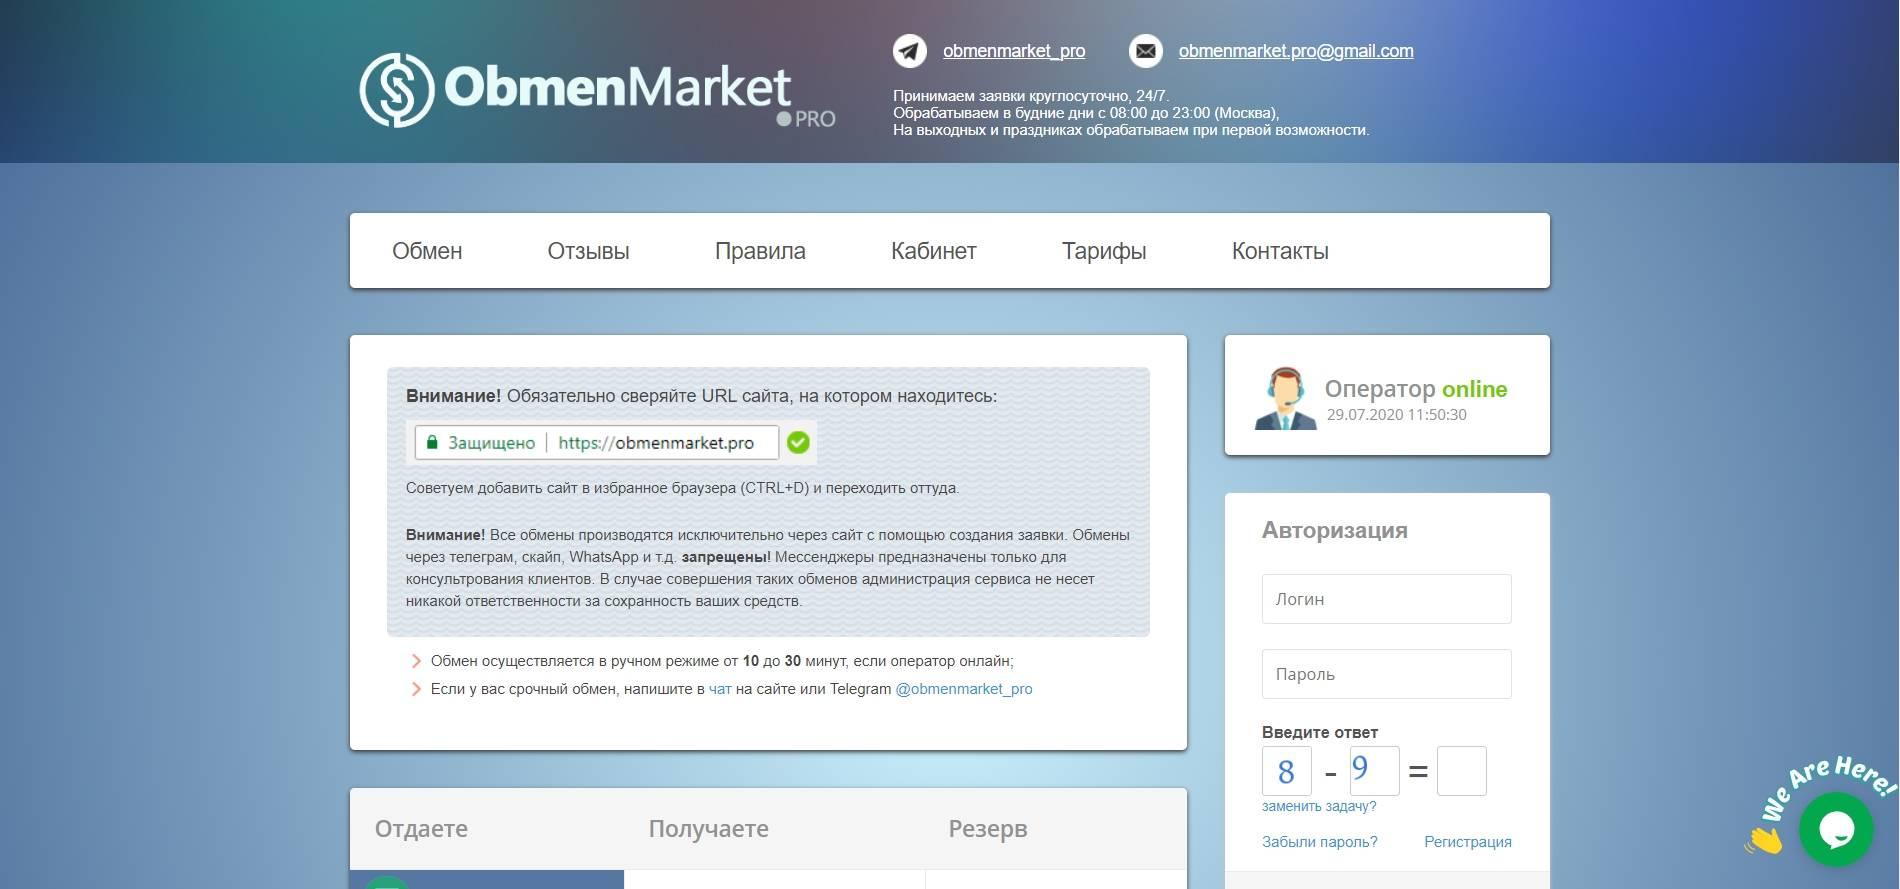 ObmenMarket